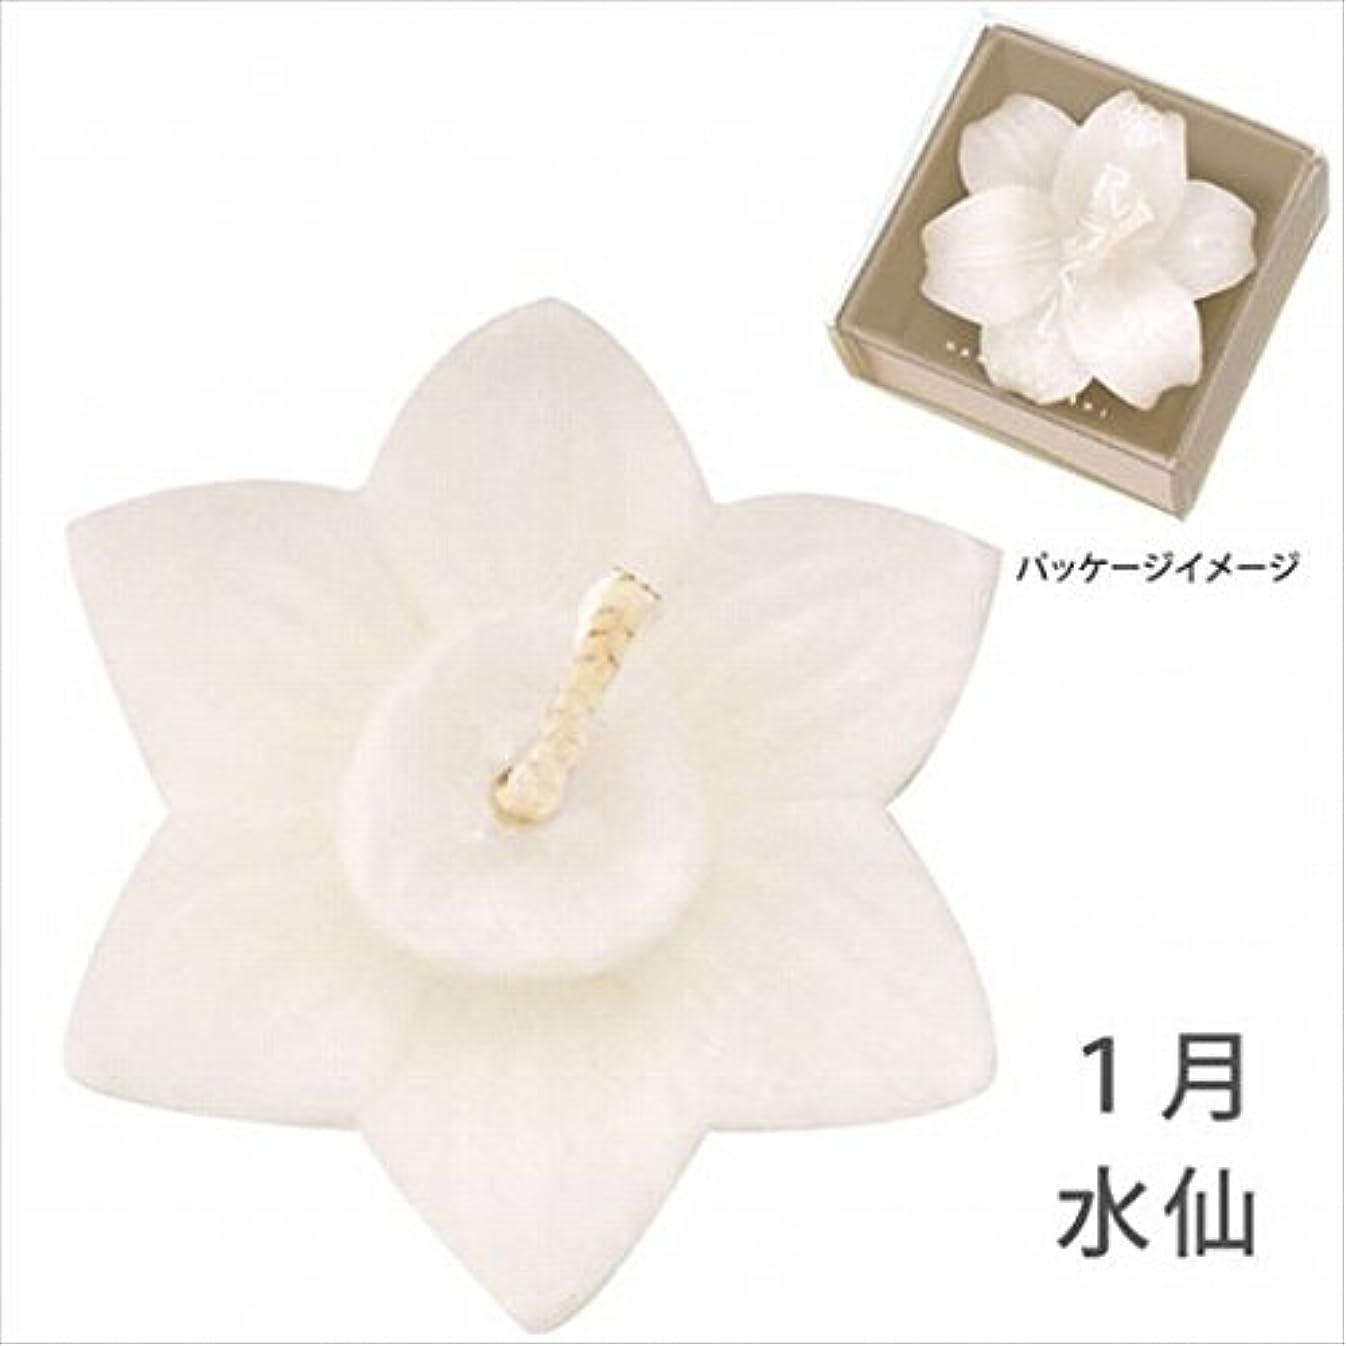 ゴネリル疑いノートカメヤマキャンドル( kameyama candle ) 花づくし(植物性) 水仙 「 水仙(1月) 」 キャンドル